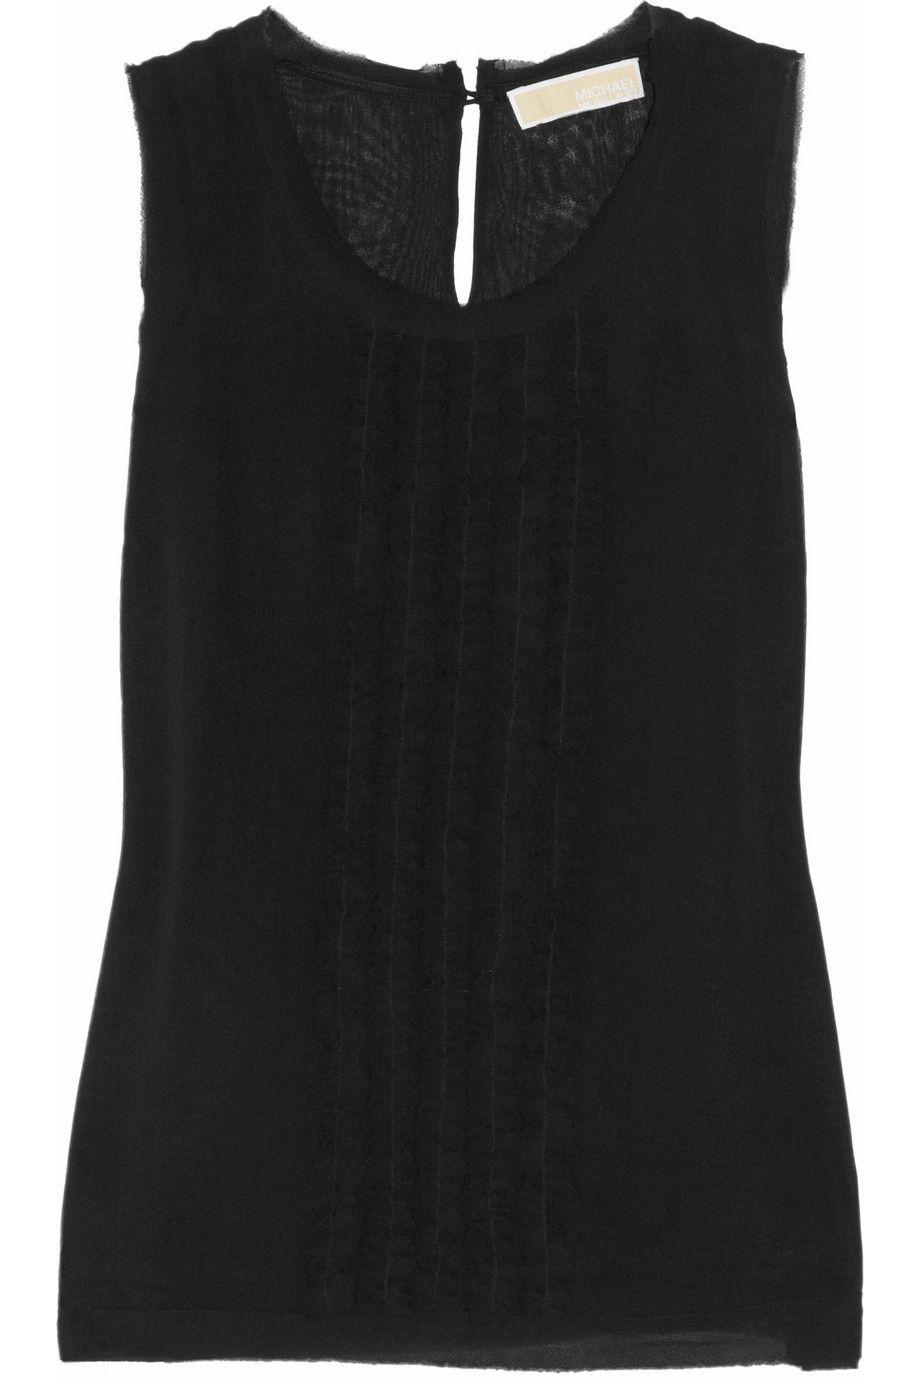 MICHAEL MICHAEL KORS Ruffled silk-georgette top $120